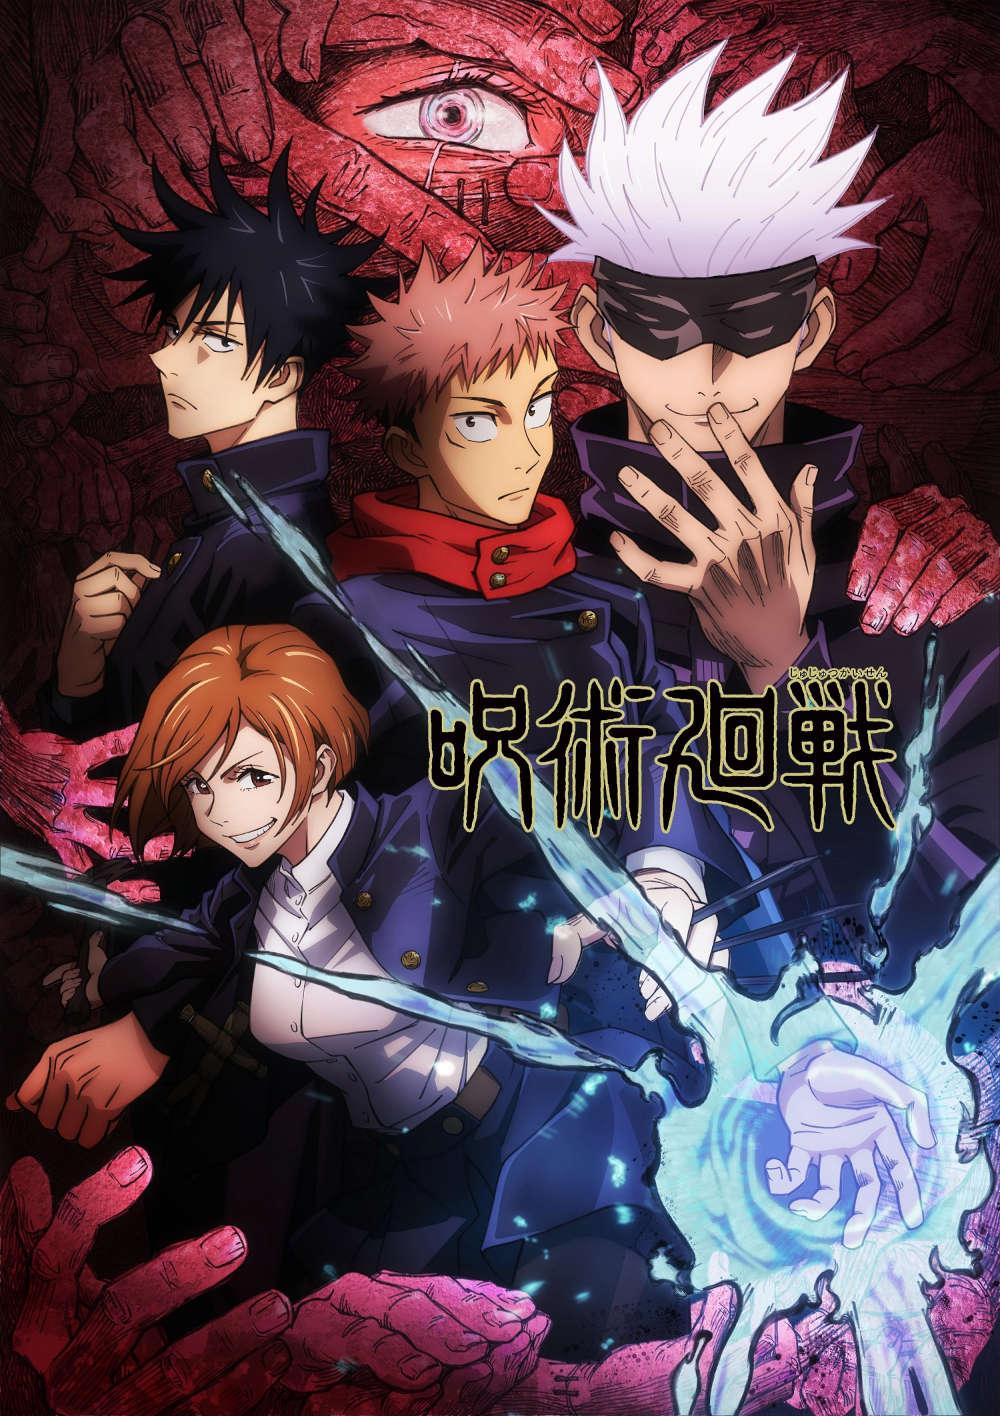 呪術廻戦 Vol.5 初回生産限定版 DVD